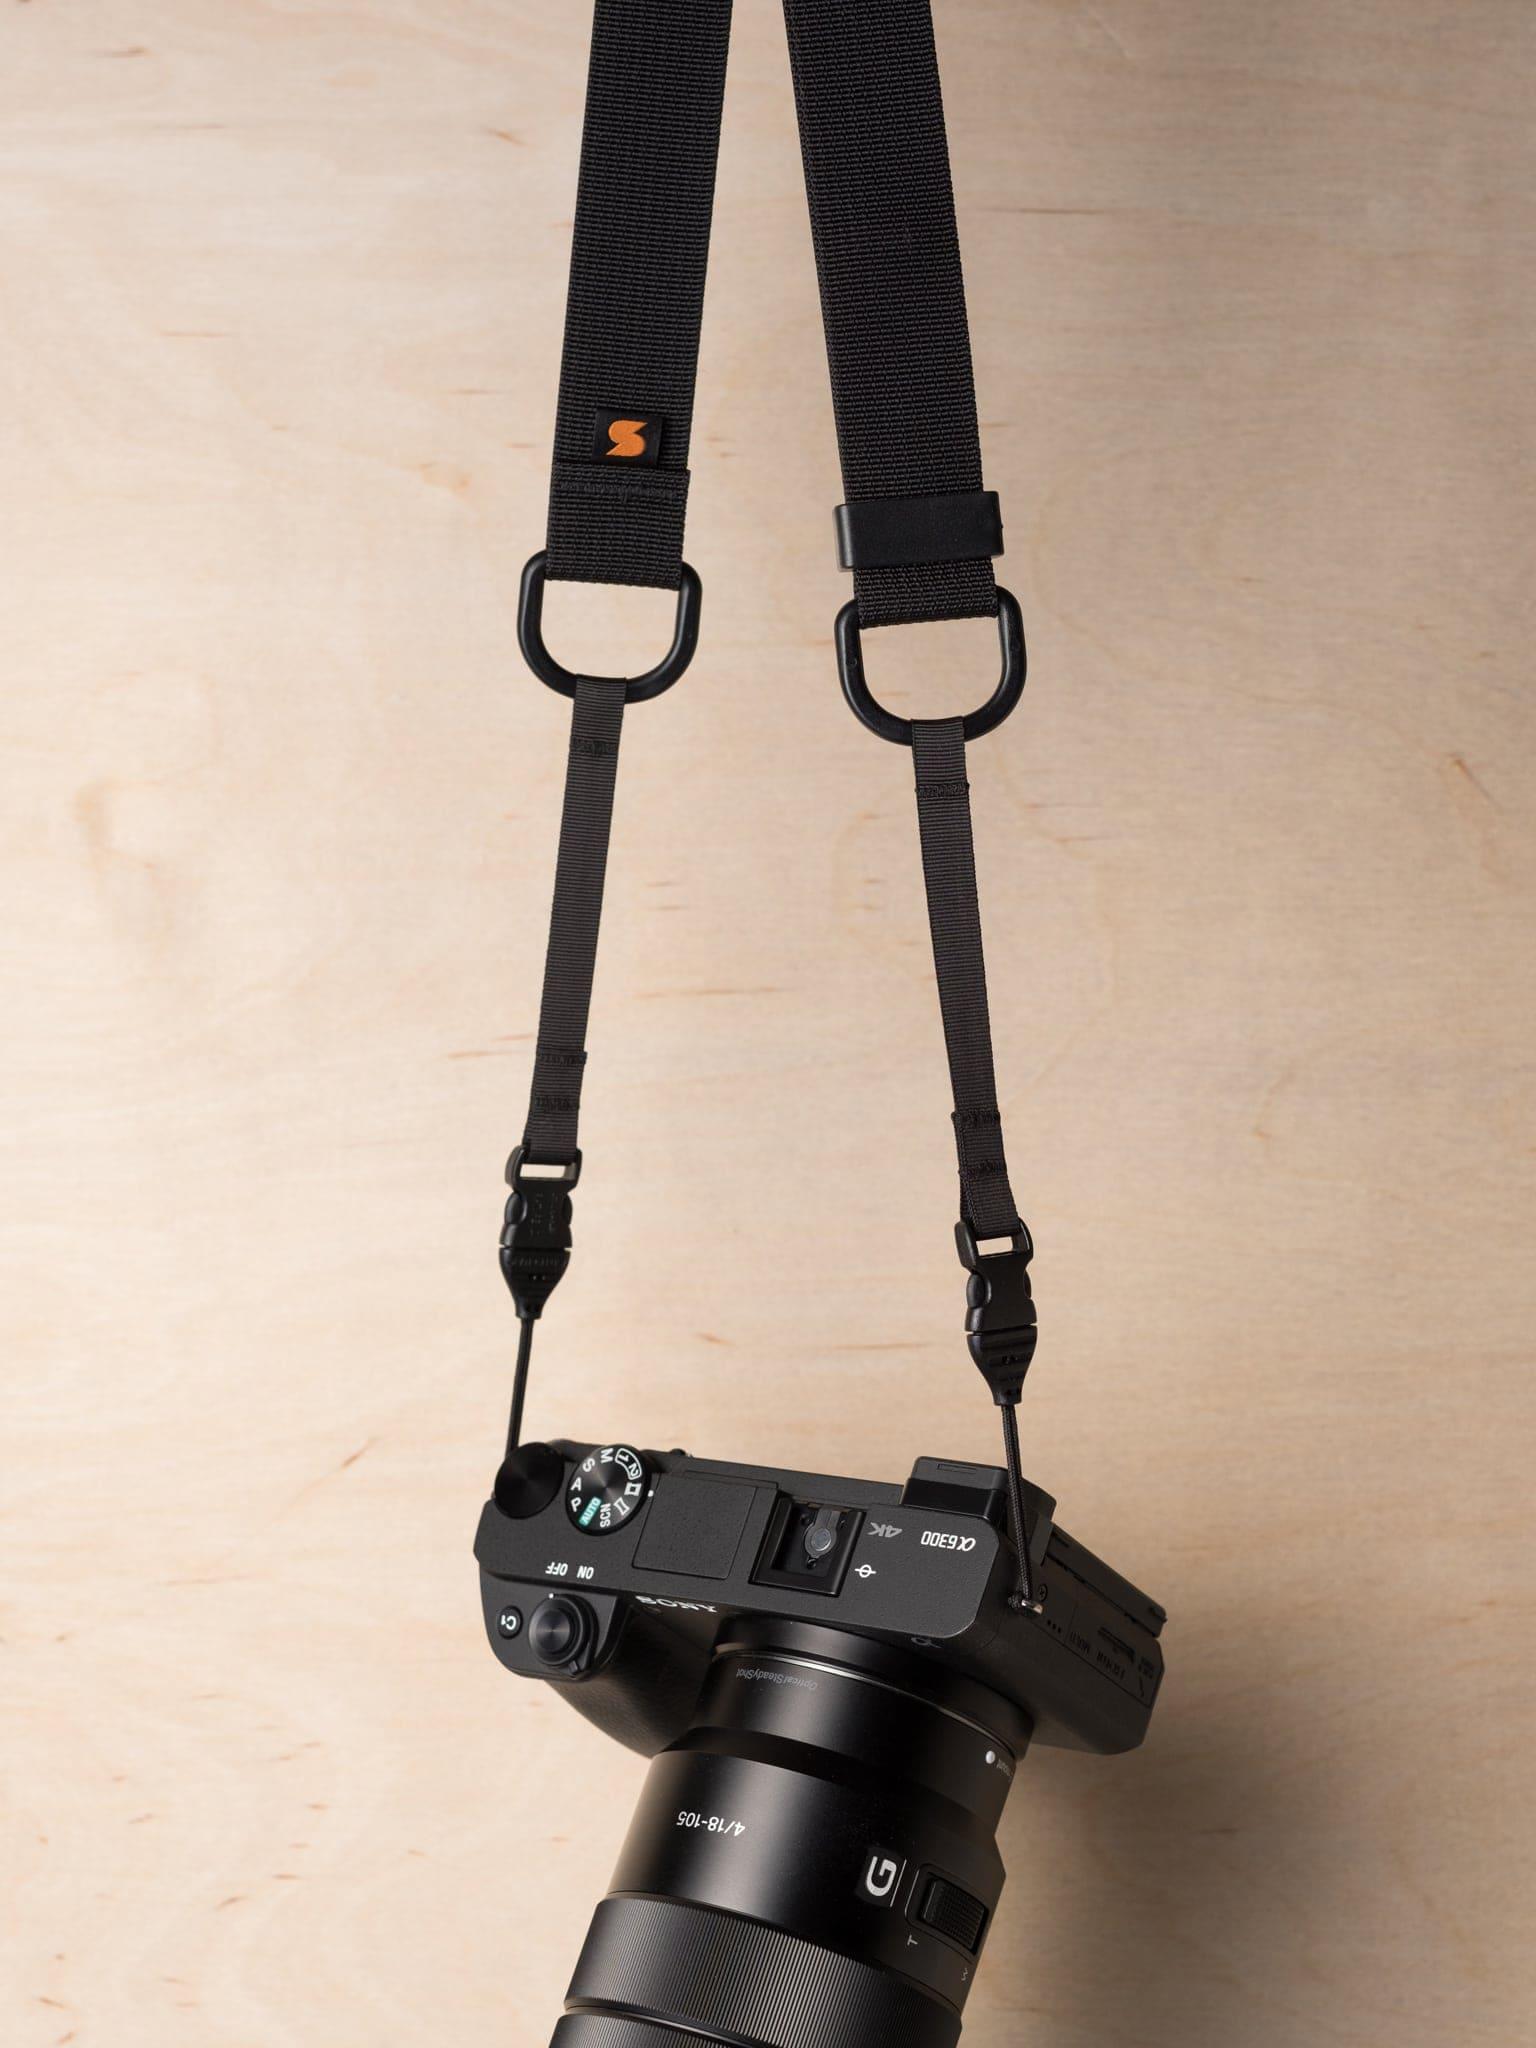 SorbSun Universal DSLR//SLR Camera Elastic Neck Shoulder Belt Strap for Olympus//Samsung//Nikon//Canon//Sony//Pentax ETC//Olympus Camera Neck Shoulder Strap